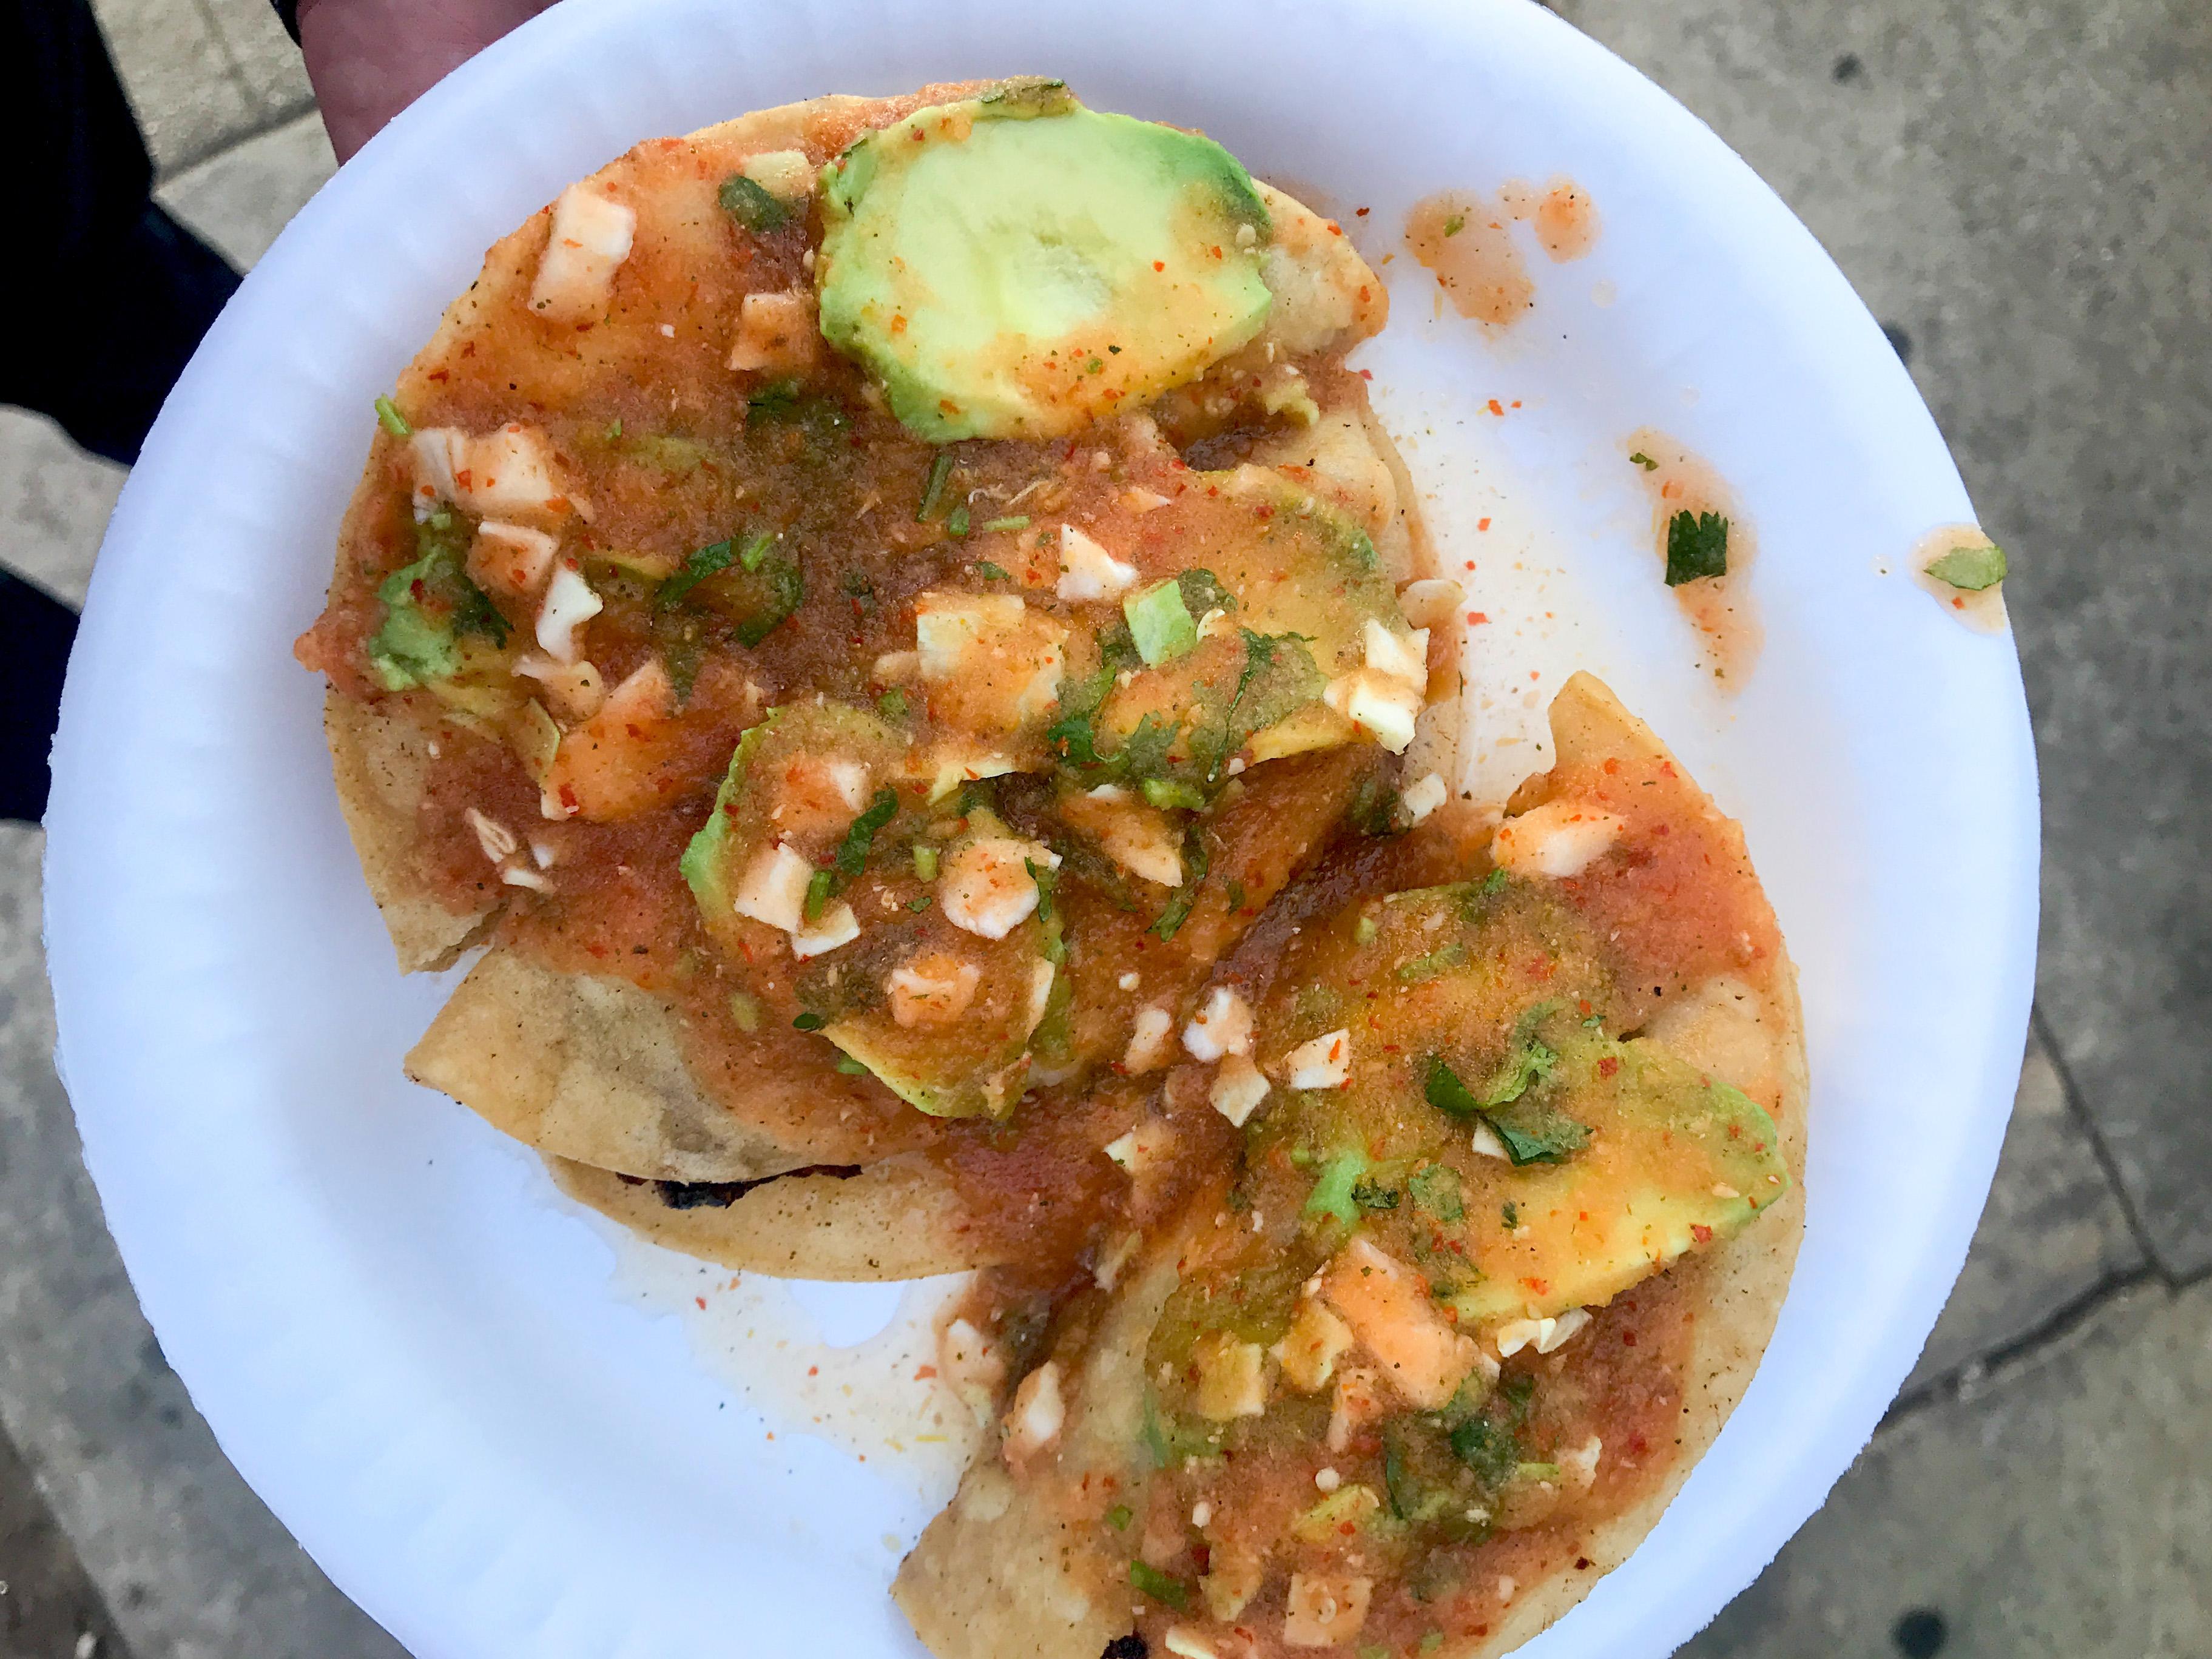 Mariscos Jalisco's crispy shrimp tacos